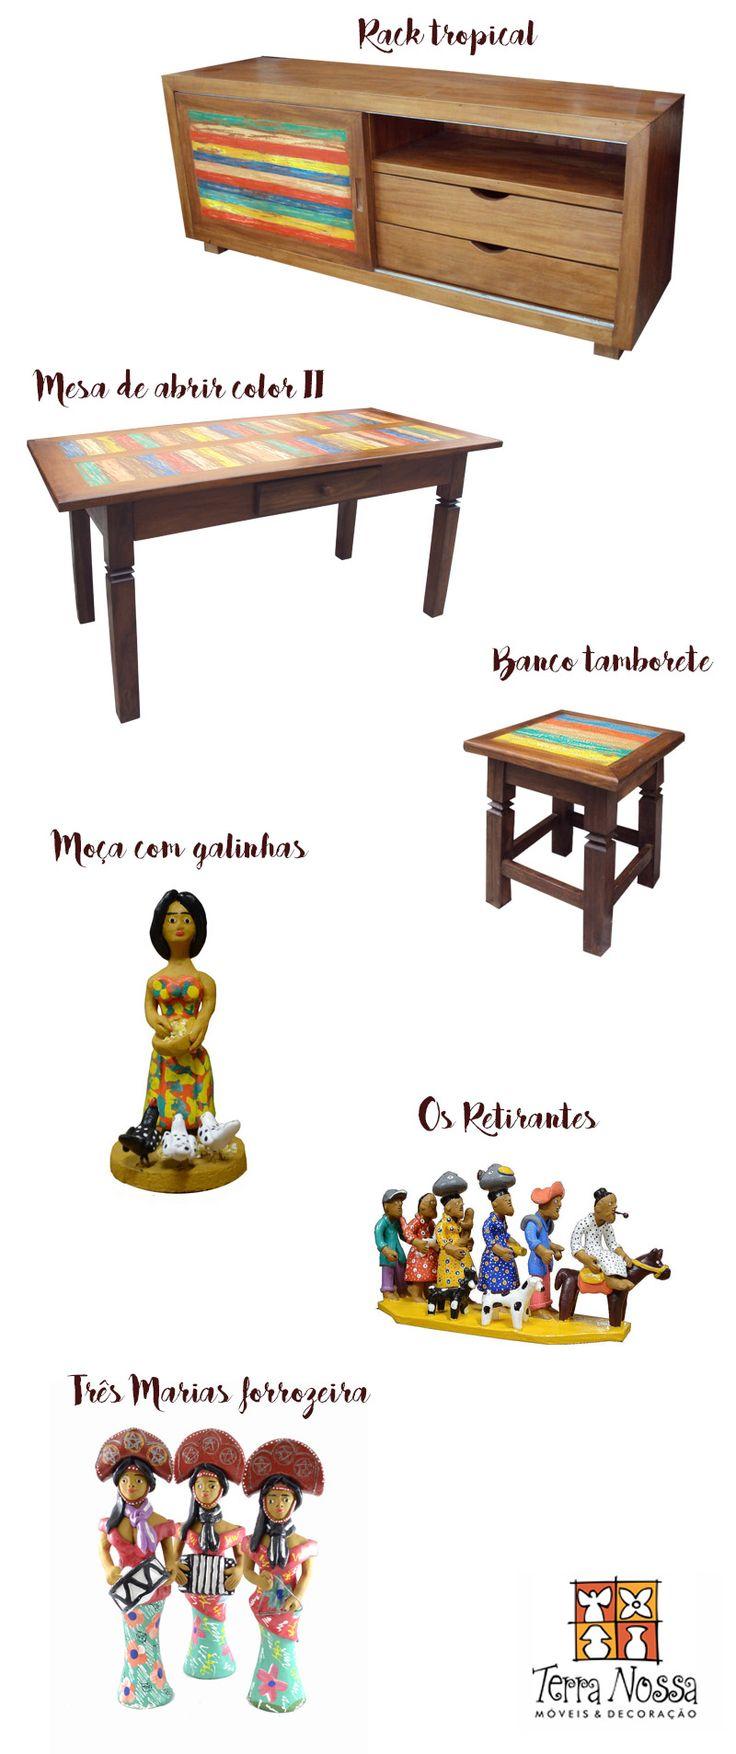 Loja Terra Nossa SAARA, móveis madeira de demolição, cerâmica mestre vitalino - Blog Remobília - Decoração Divertida e Alternativa